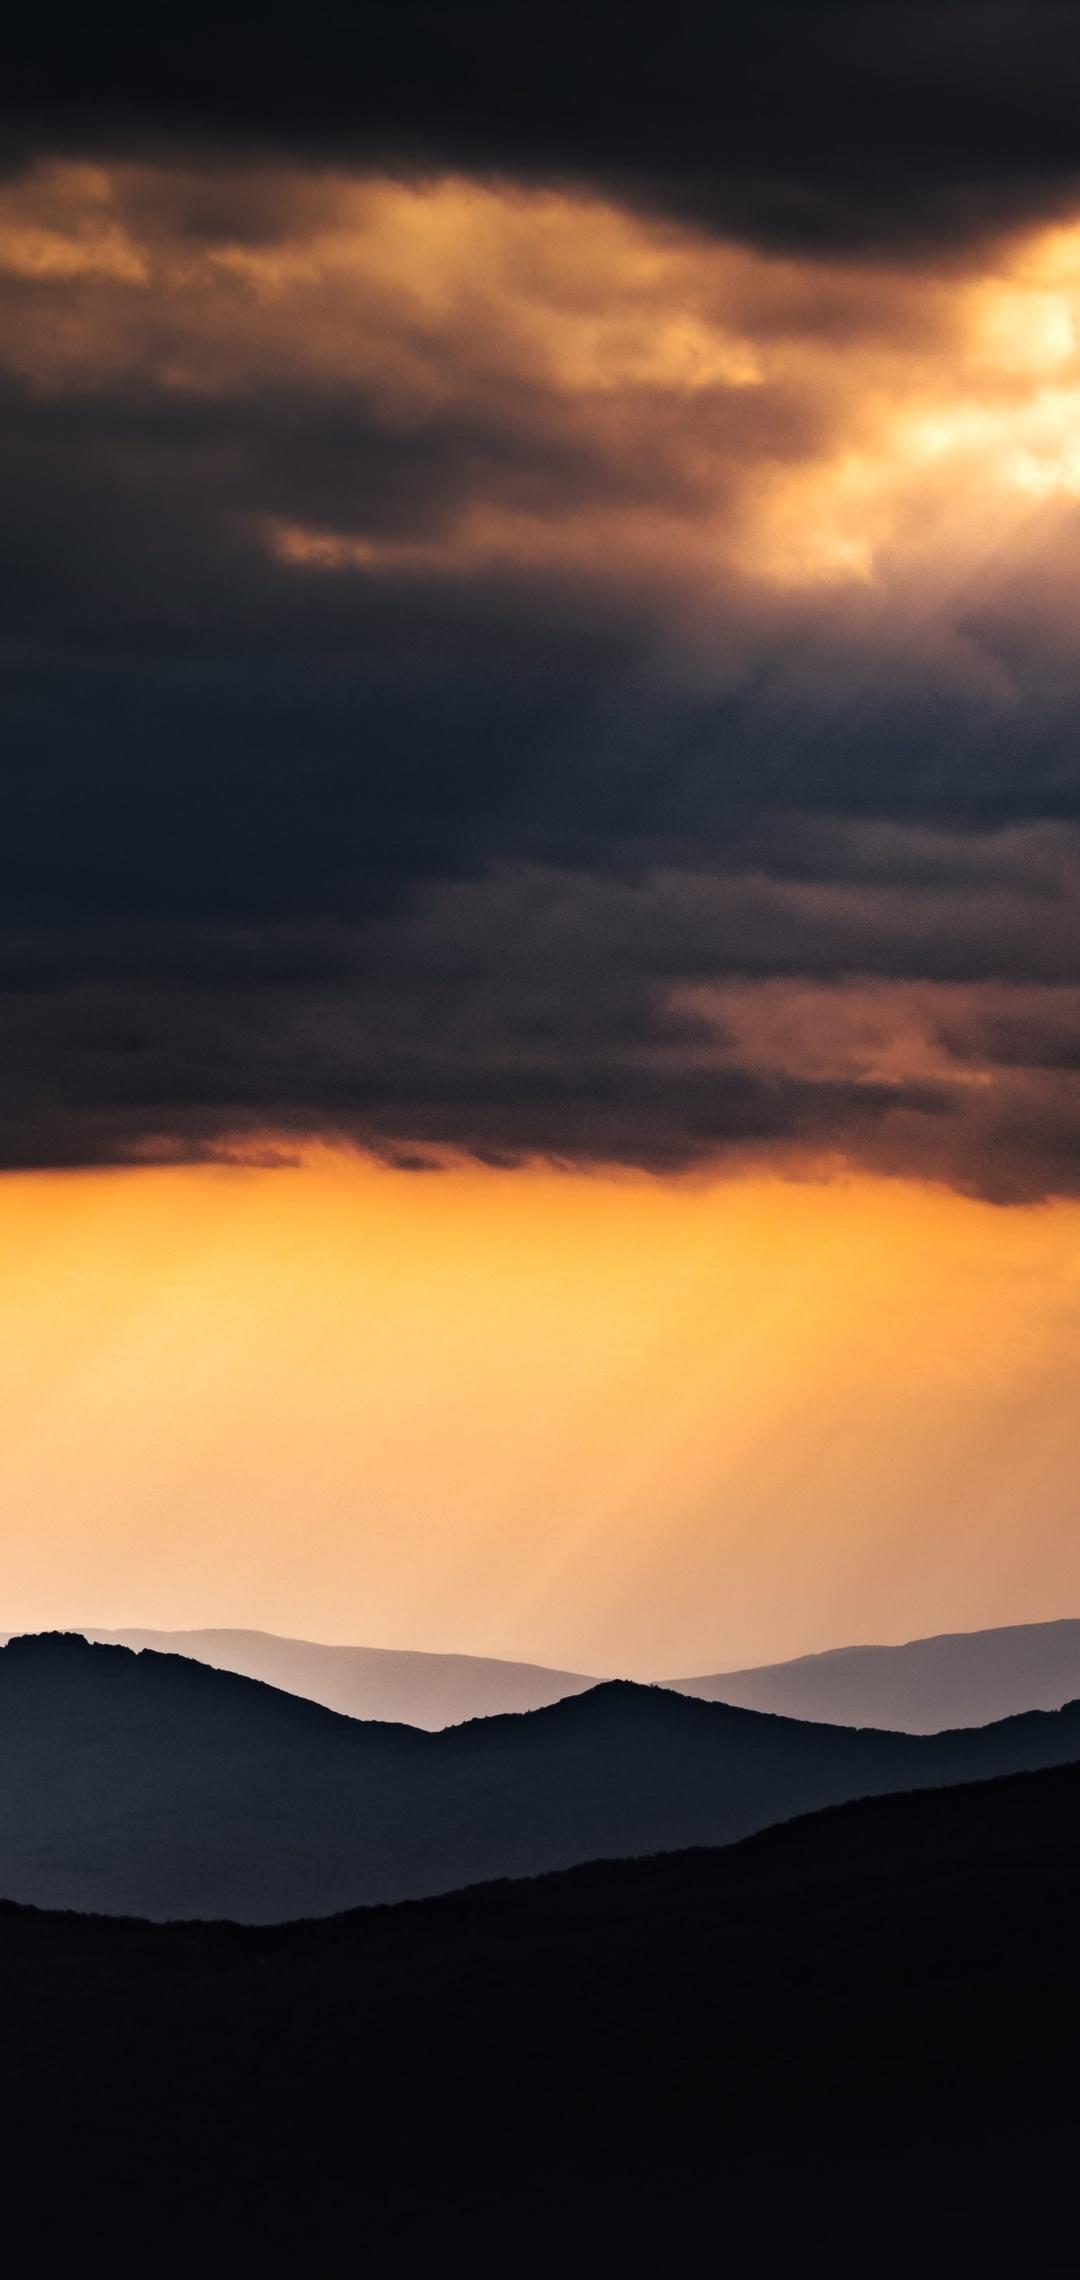 sunbeams-mountains-5k-5c.jpg